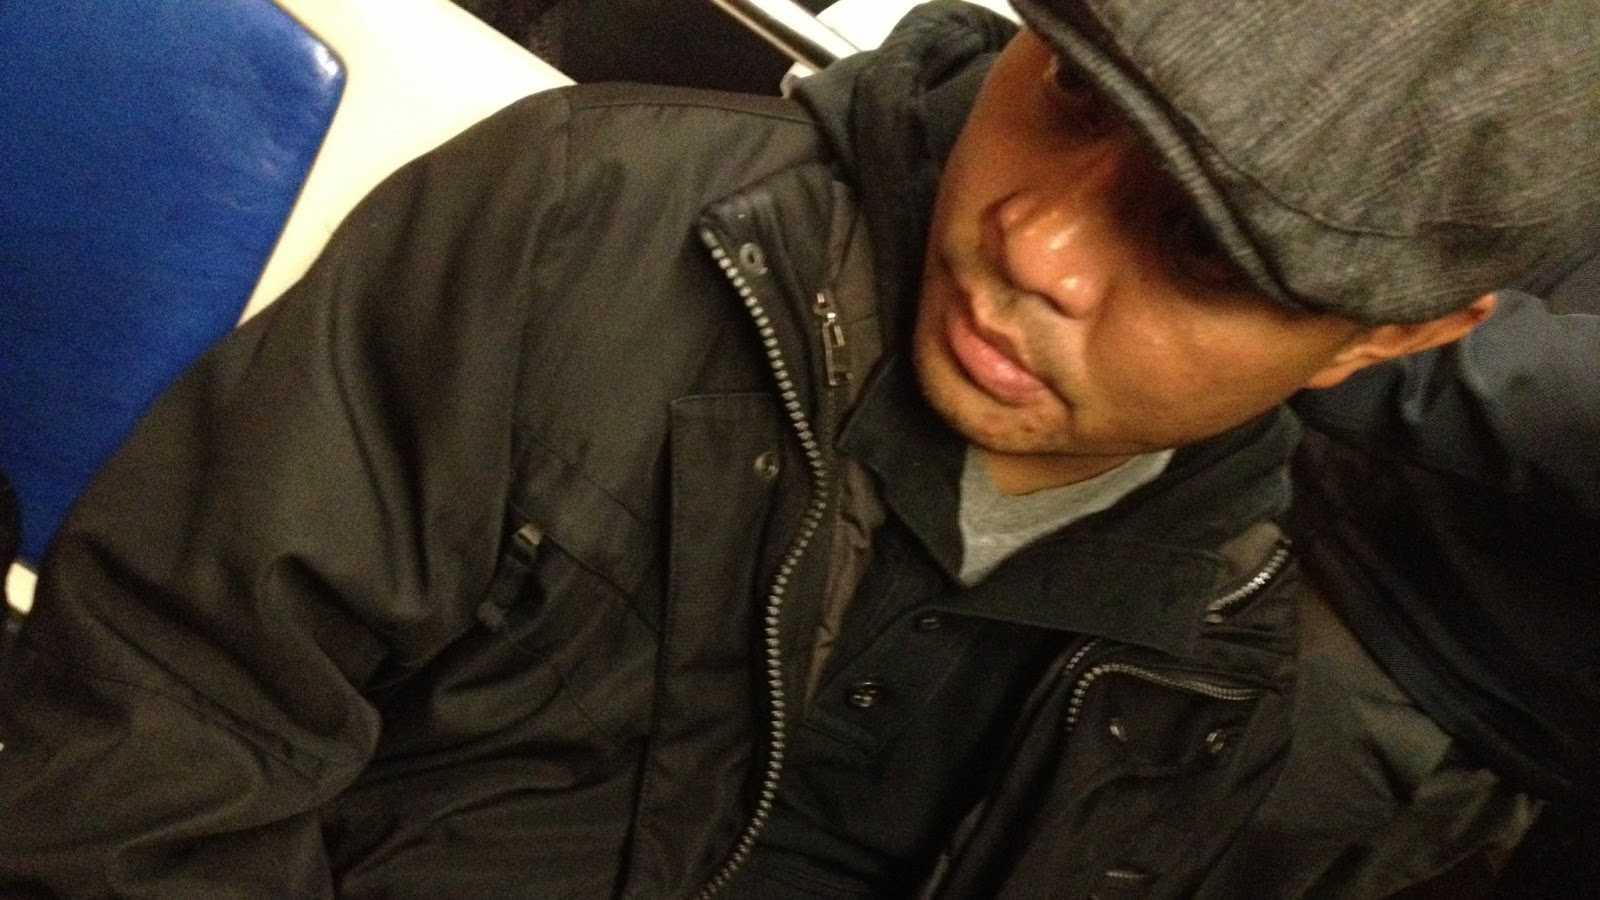 MBTA suspect pic